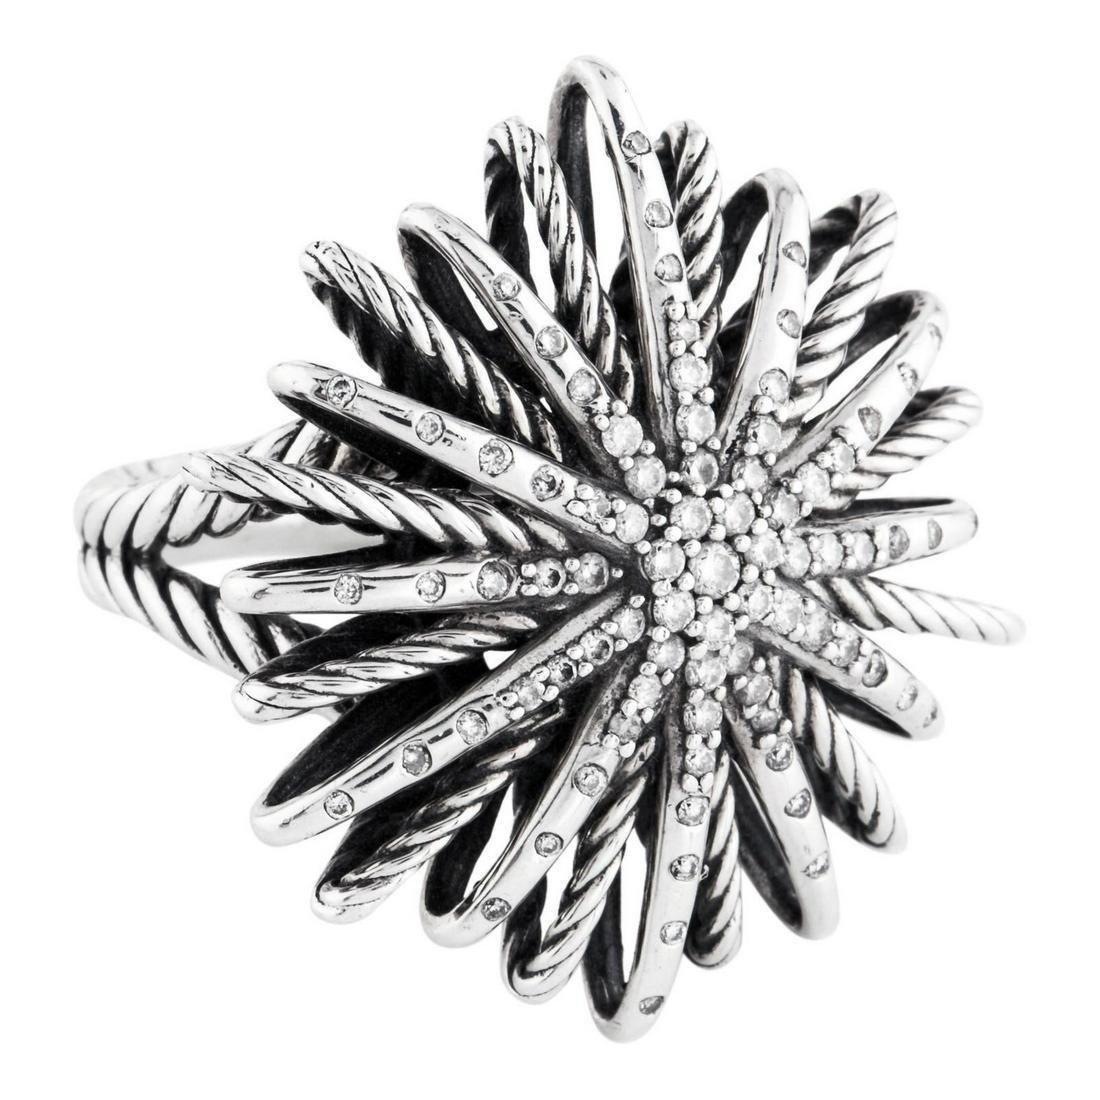 David Yurman Large Starburst with Paved Diamonds Ring